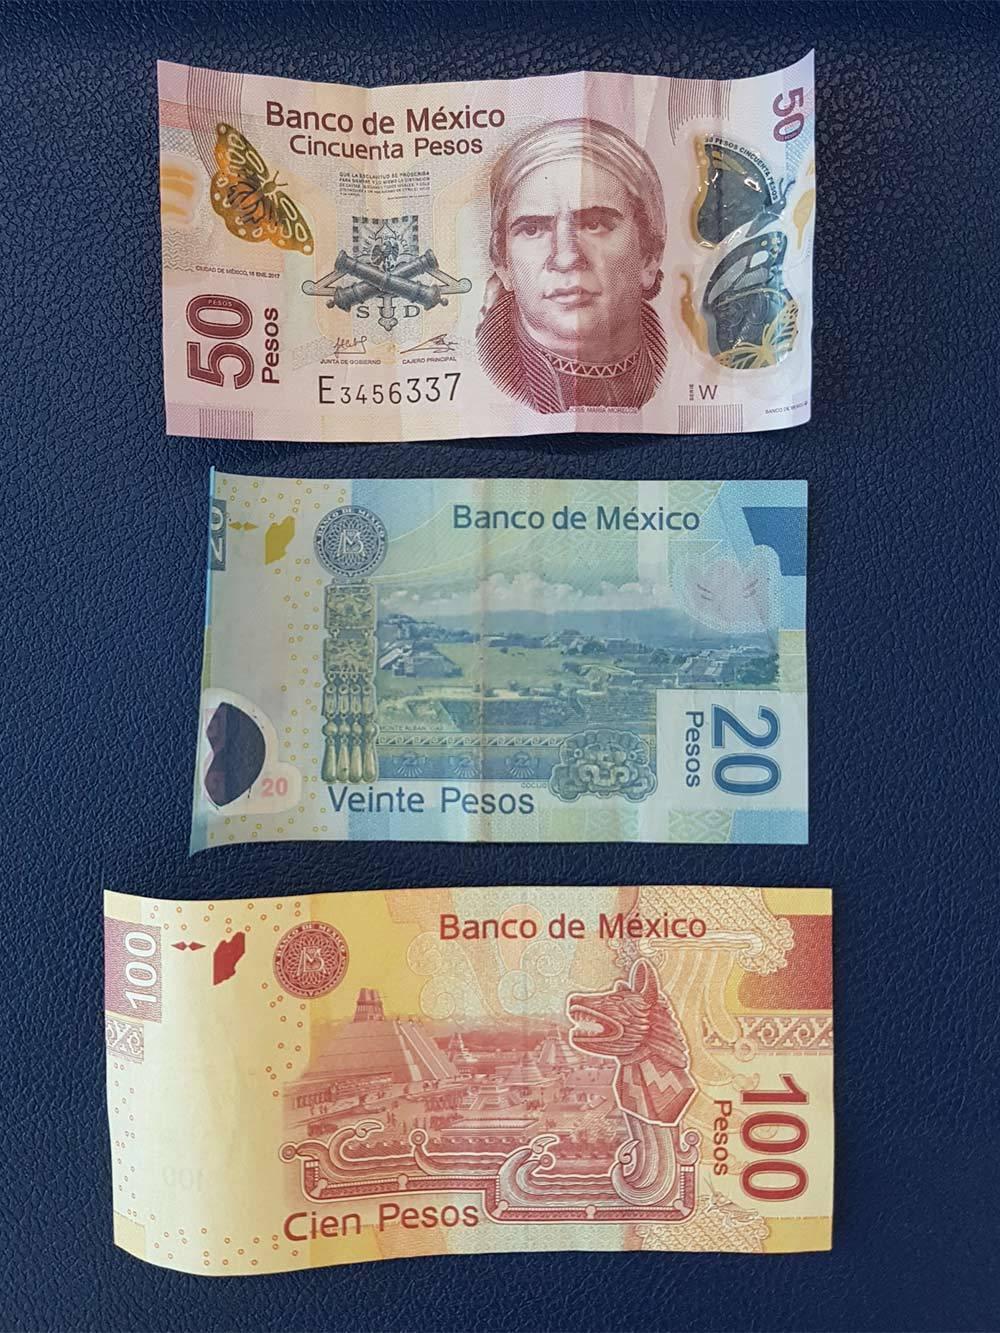 Мексиканские купюры. Банкноты в 20 и 50 песо изготавливают из полимеров, срок их службы в несколько раз дольше бумажных